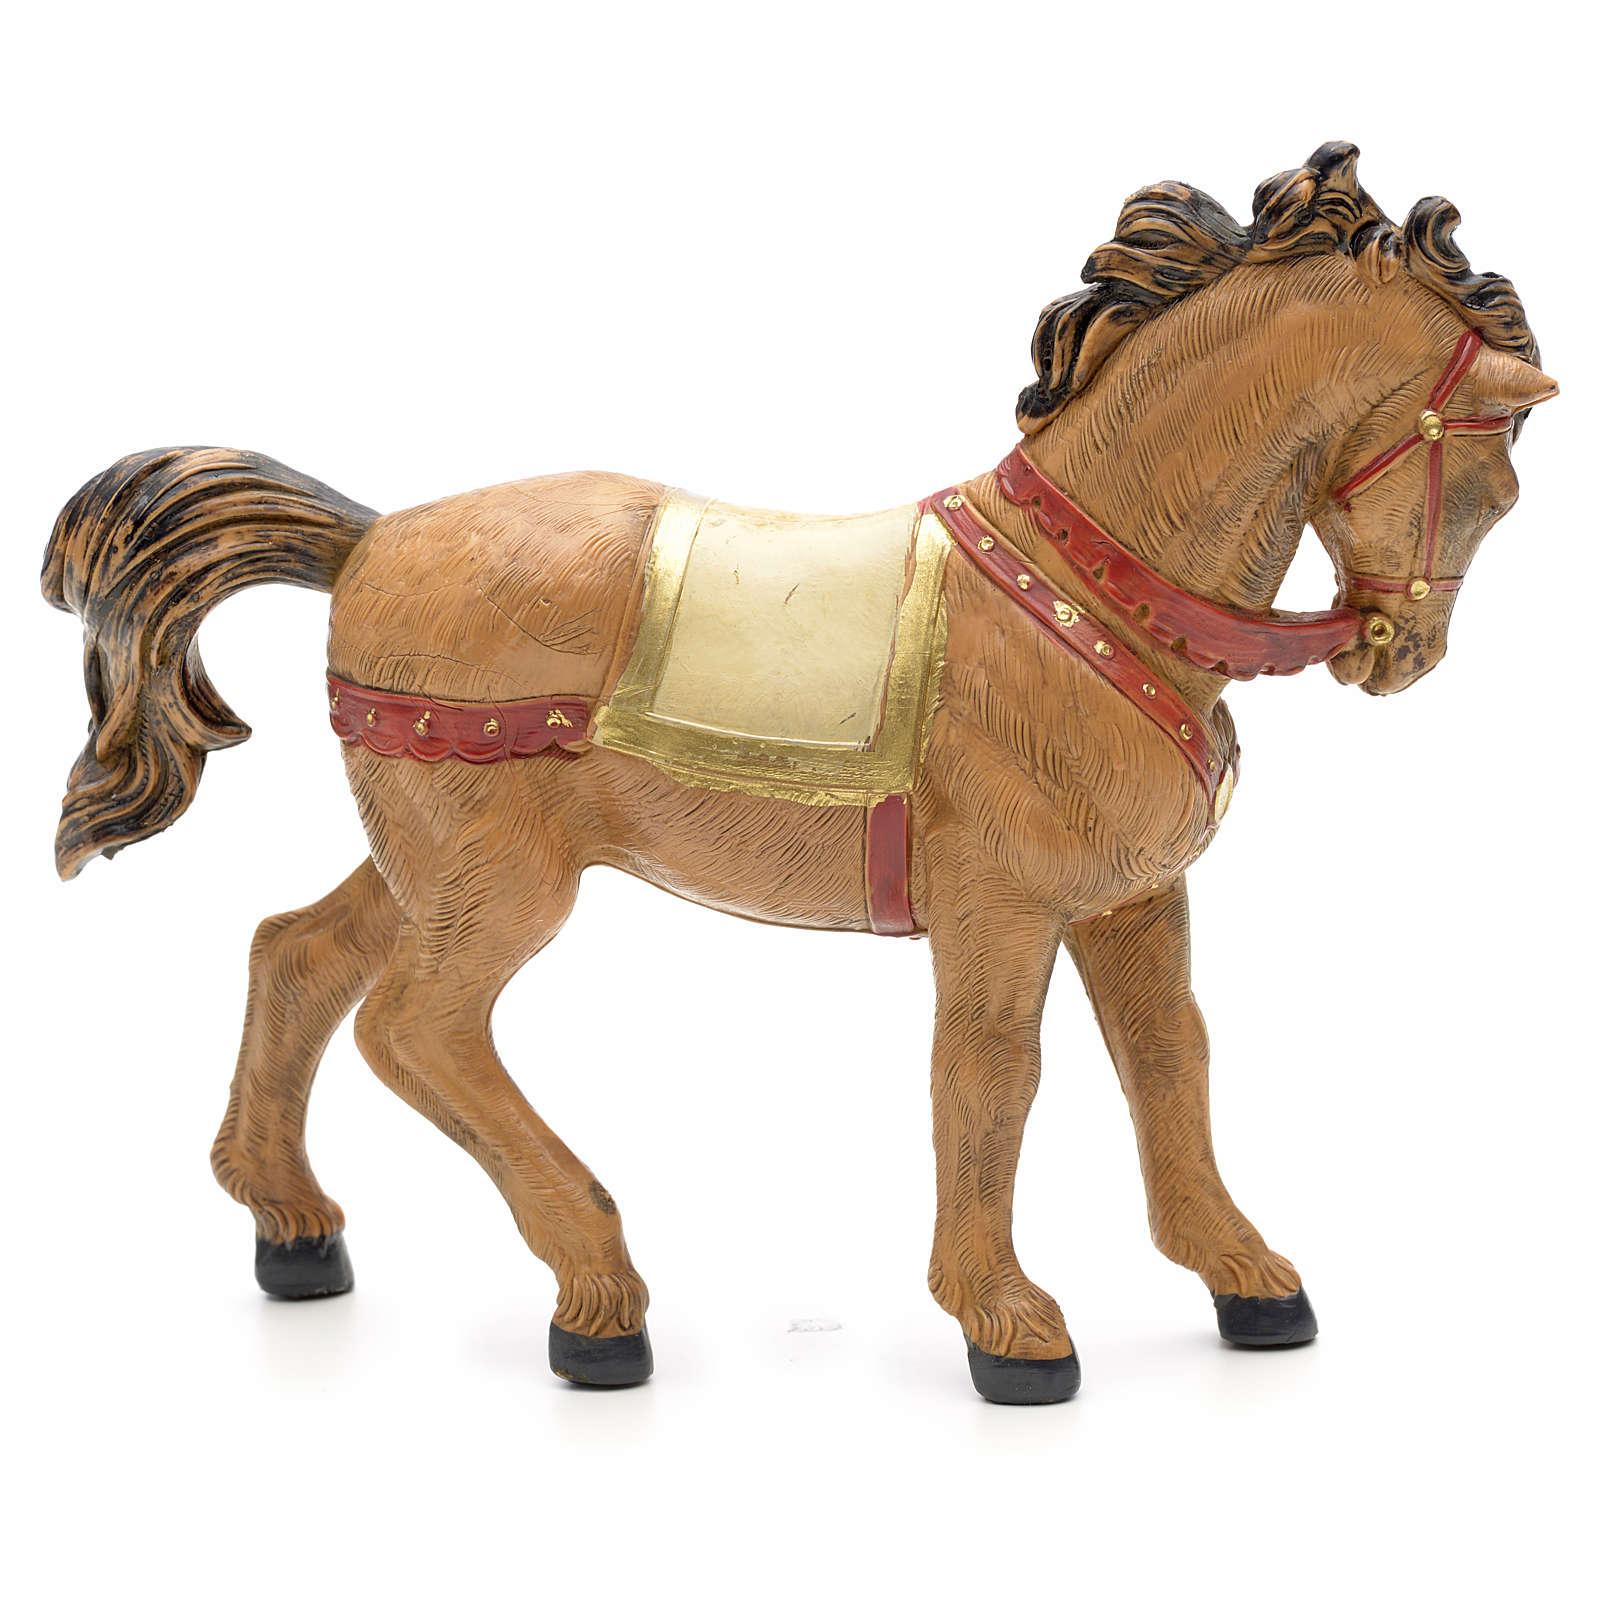 Cavallo criniera nera 12 cm Fontanini 3